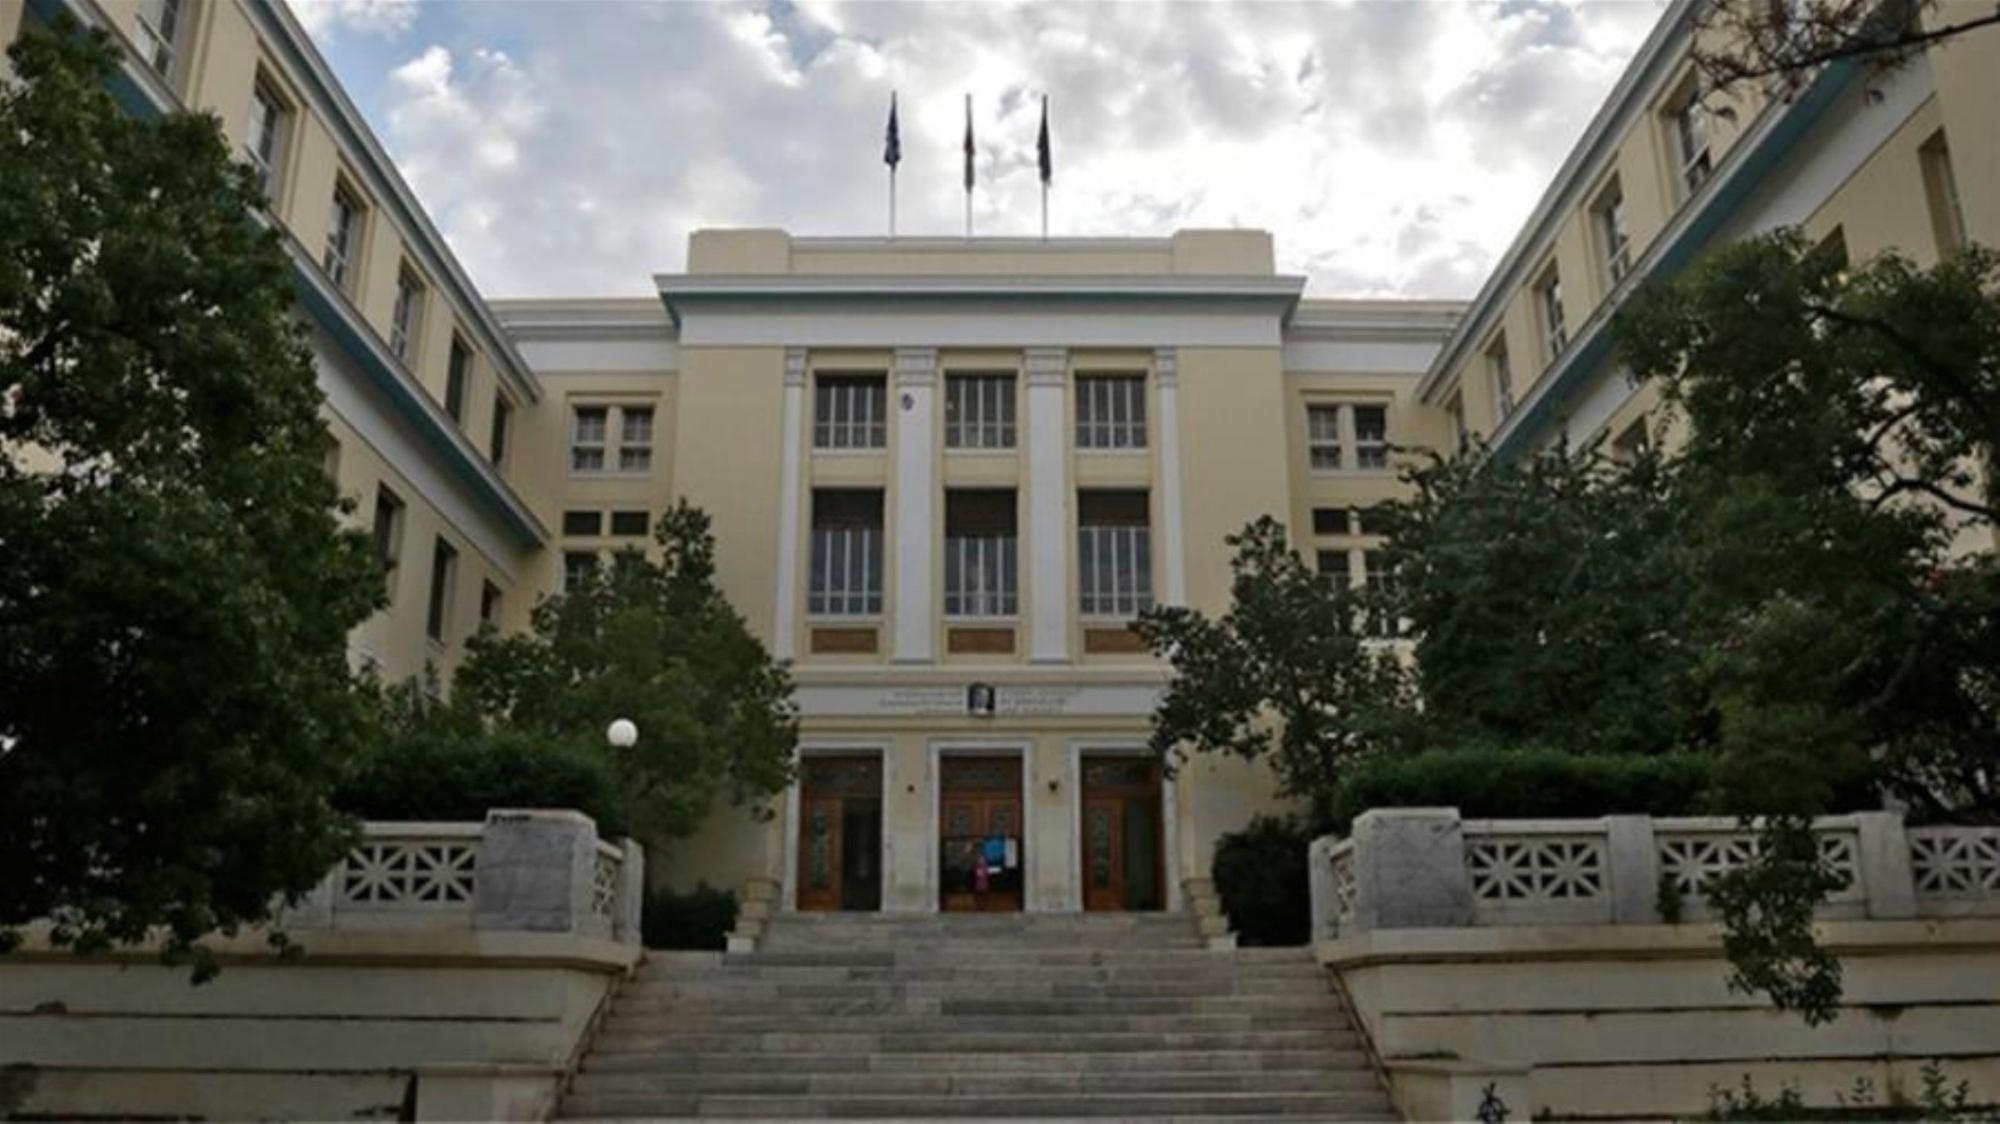 Εισαγγελέας στο Πανεπιστήμιο Αθηνών: Υπό έρευνα ο καθηγητής που καταγγέλλεται για σεξουαλική παρενόχληση φοιτητριών – ΒΙΝΤΕΟ